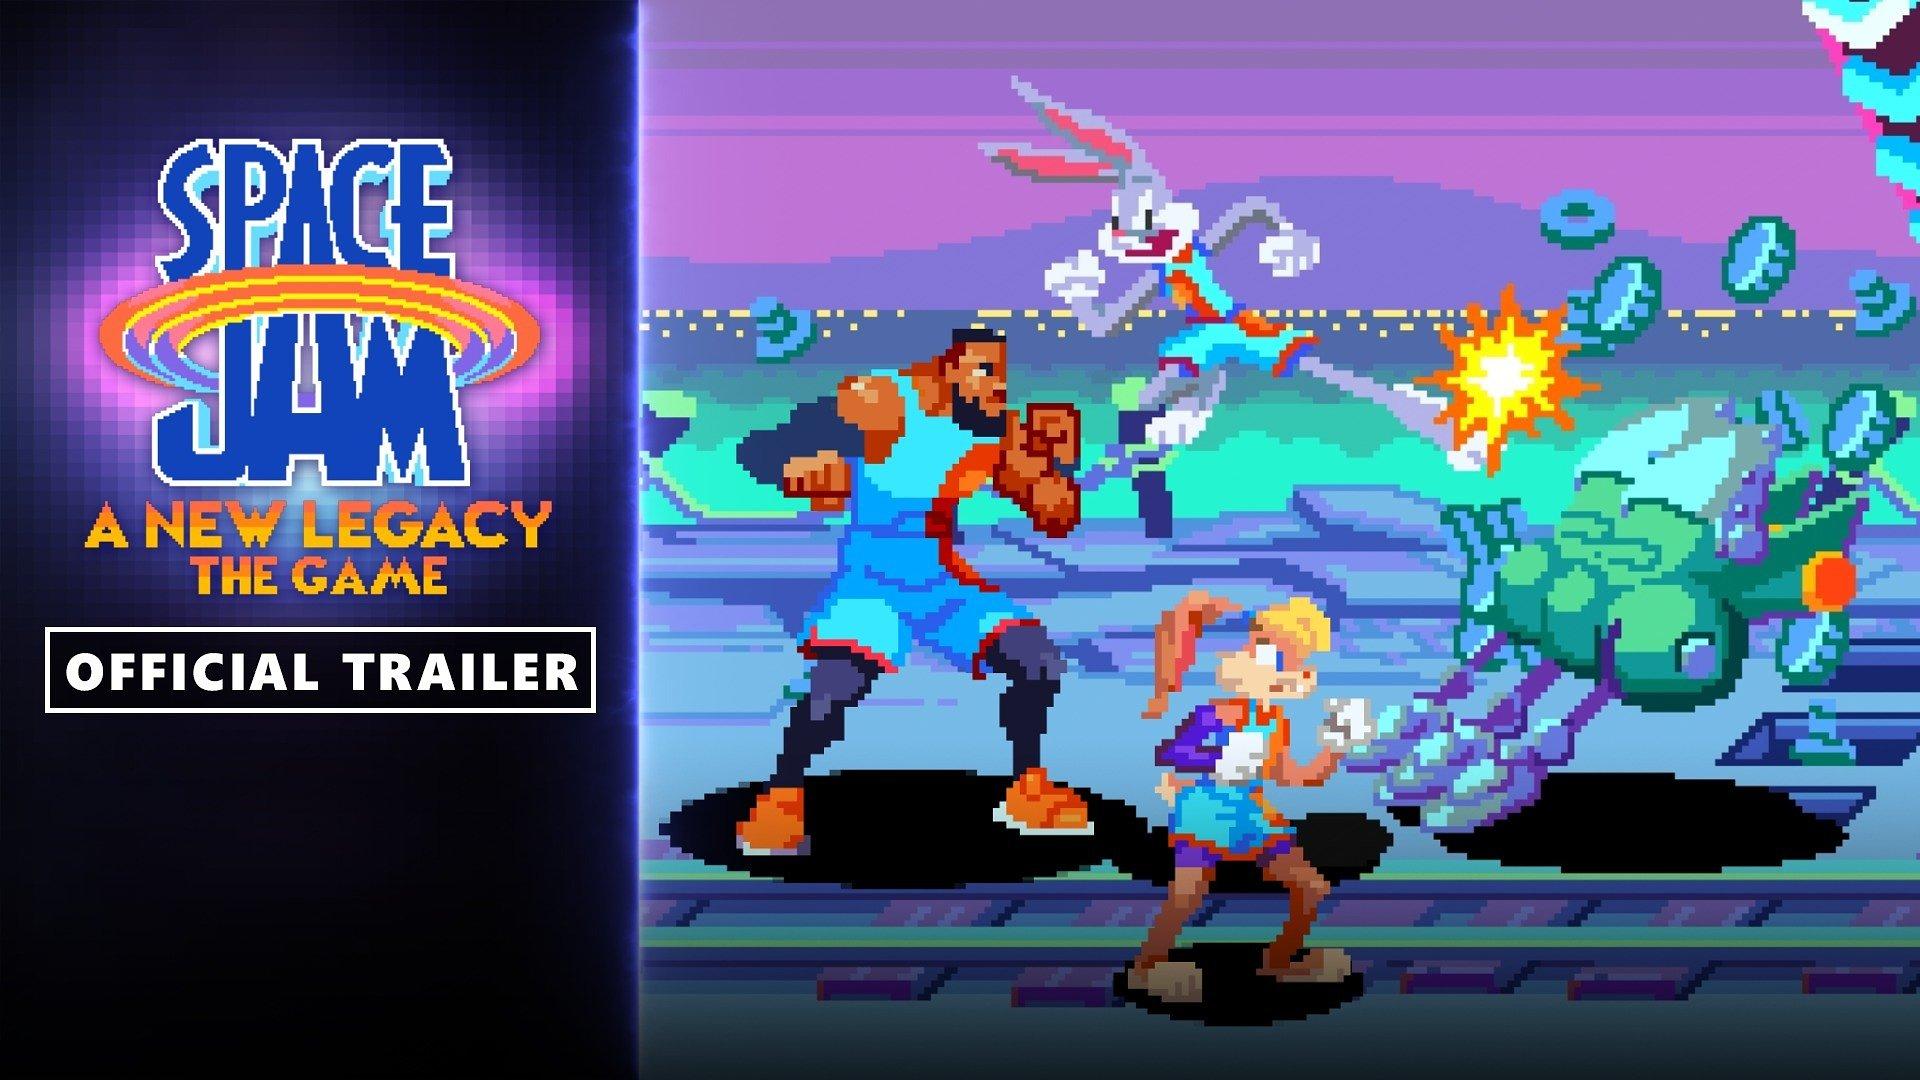 Xbox e Warner Bros. revelam novo jogo arcade, Space Jam: A New Legacy